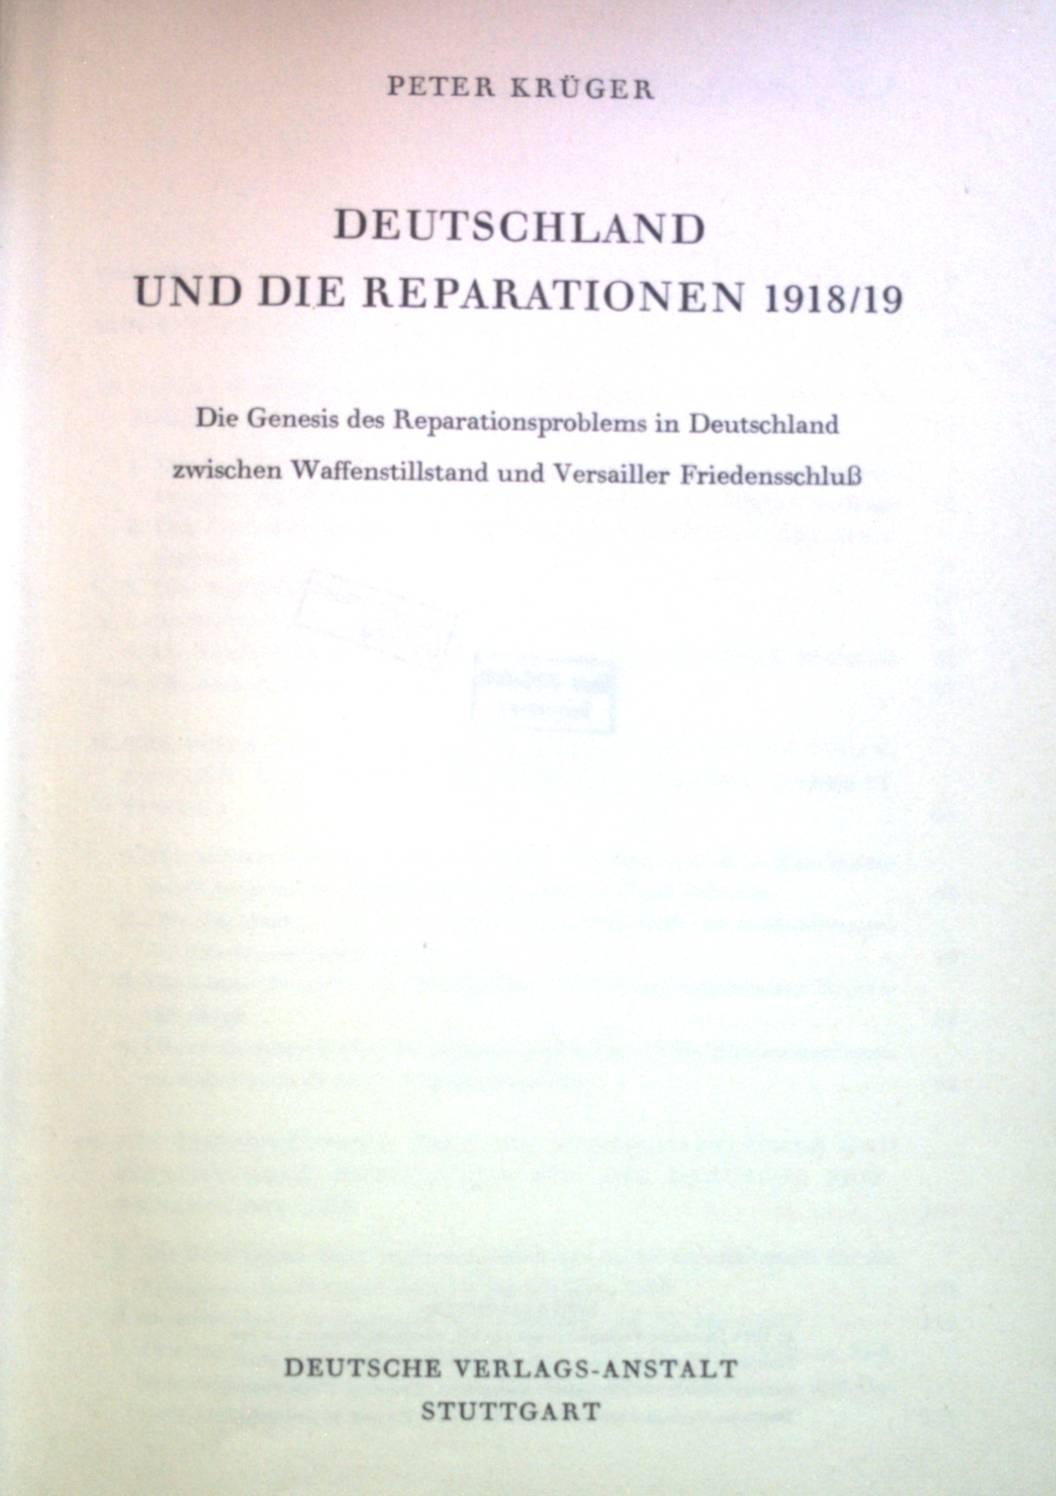 Deutschland und die Reparationen 1918 / 19: Krüger, Peter: